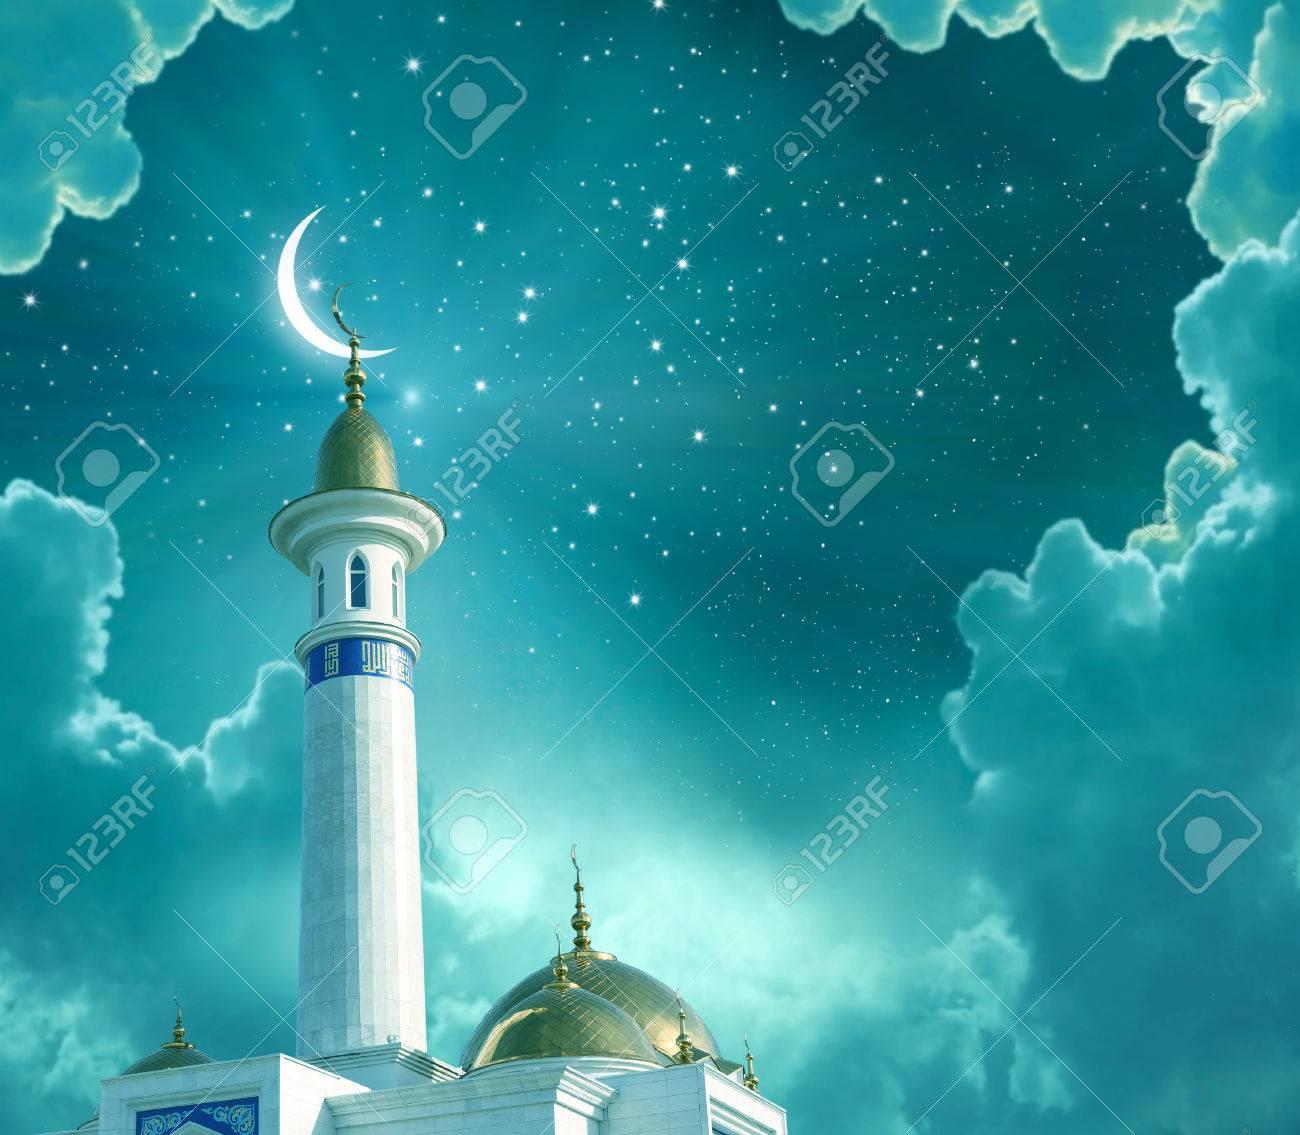 Contexte Du Ramadan Kareem Lune Decente Au Sommet Dune Mosquee